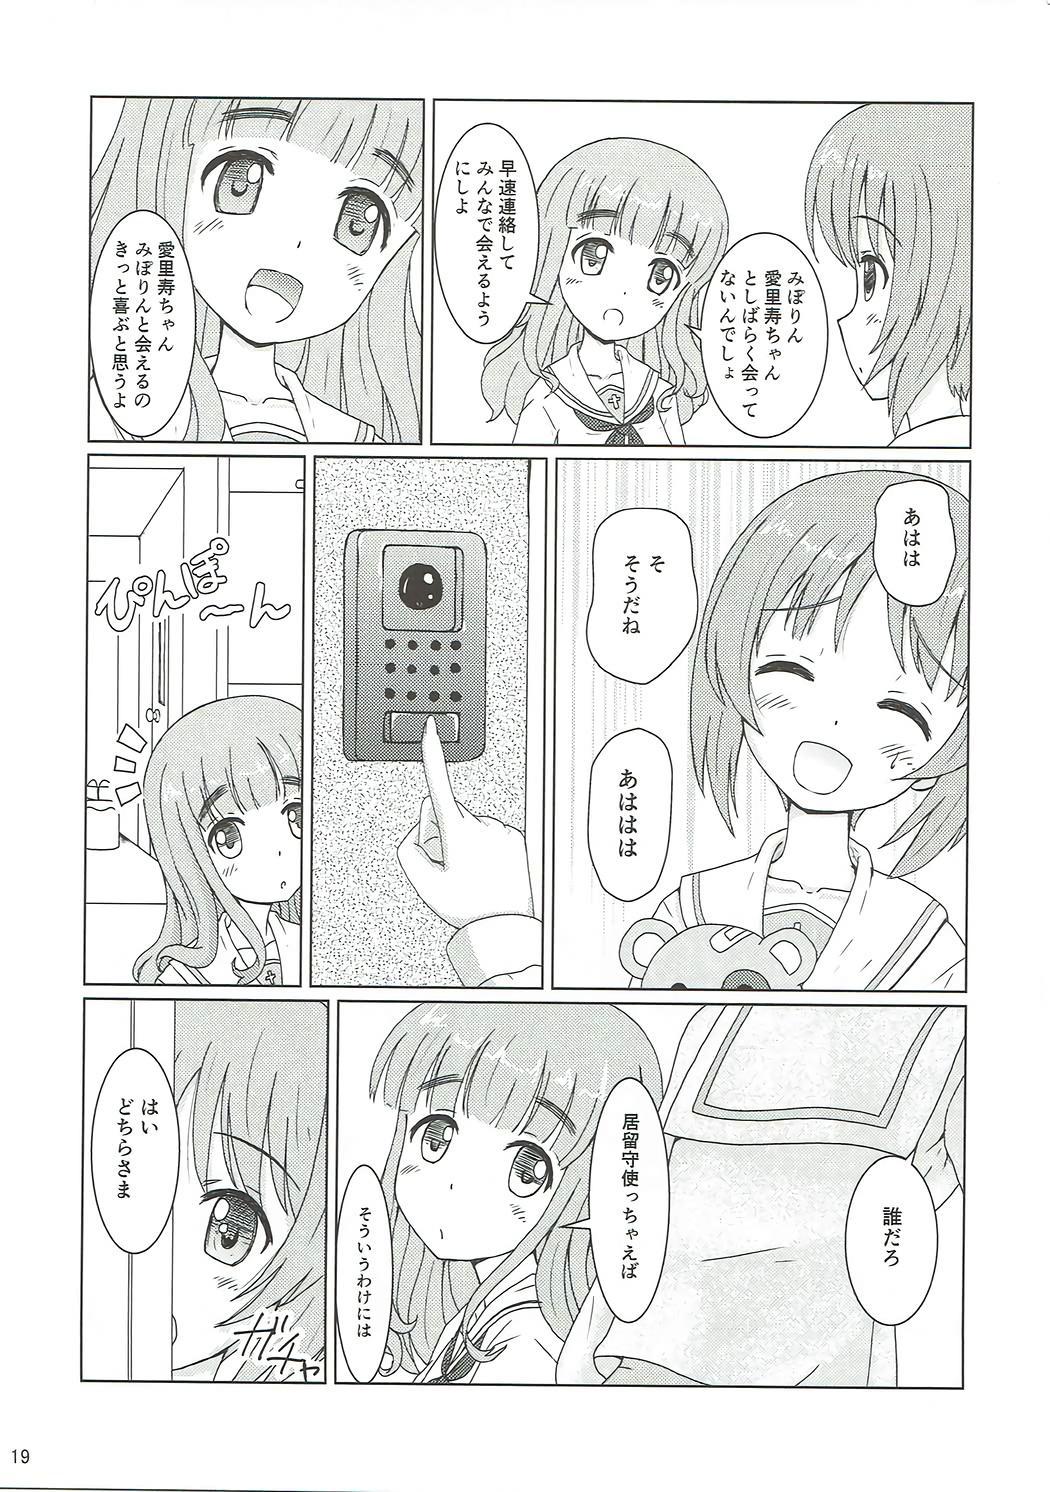 Dainiji Arisu-chan Kouryaku Daisakusen desu 17